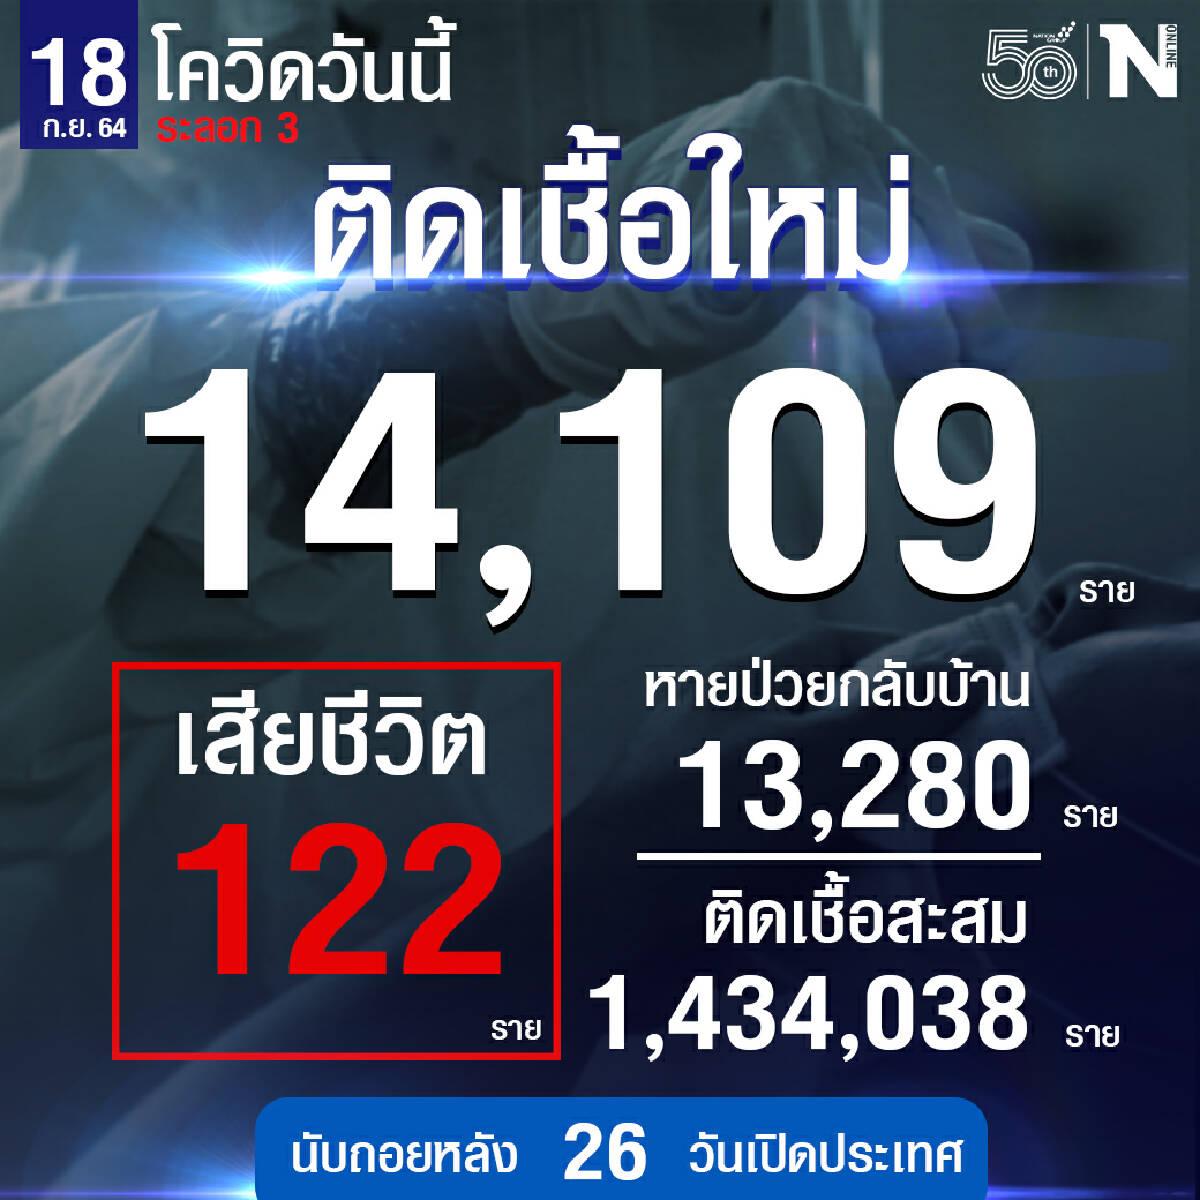 ศบค.เผย ผู้ติดเชื้อวันนี้ 14,109 หายป่วย 13,280 เสียชีวิต 122 ราย